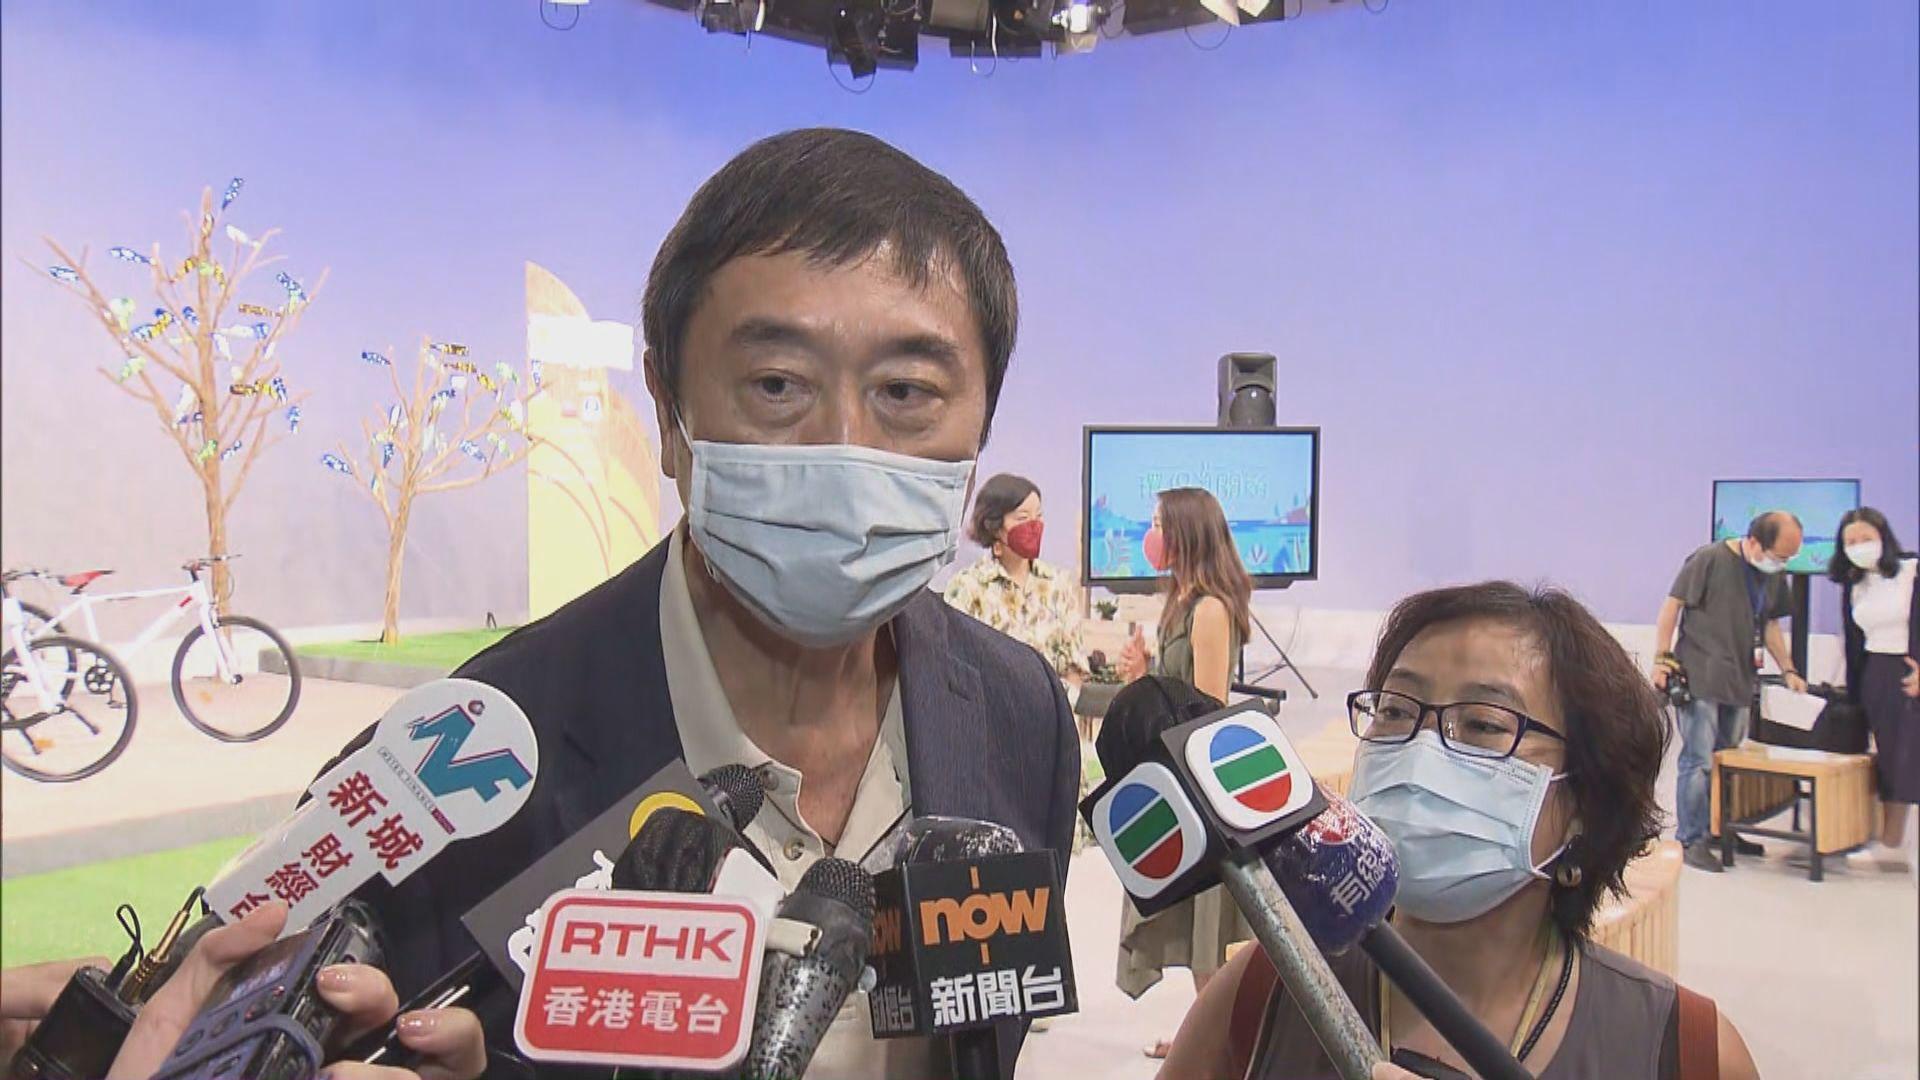 沈祖堯:擔心出現第四波疫情 需加強關口管制